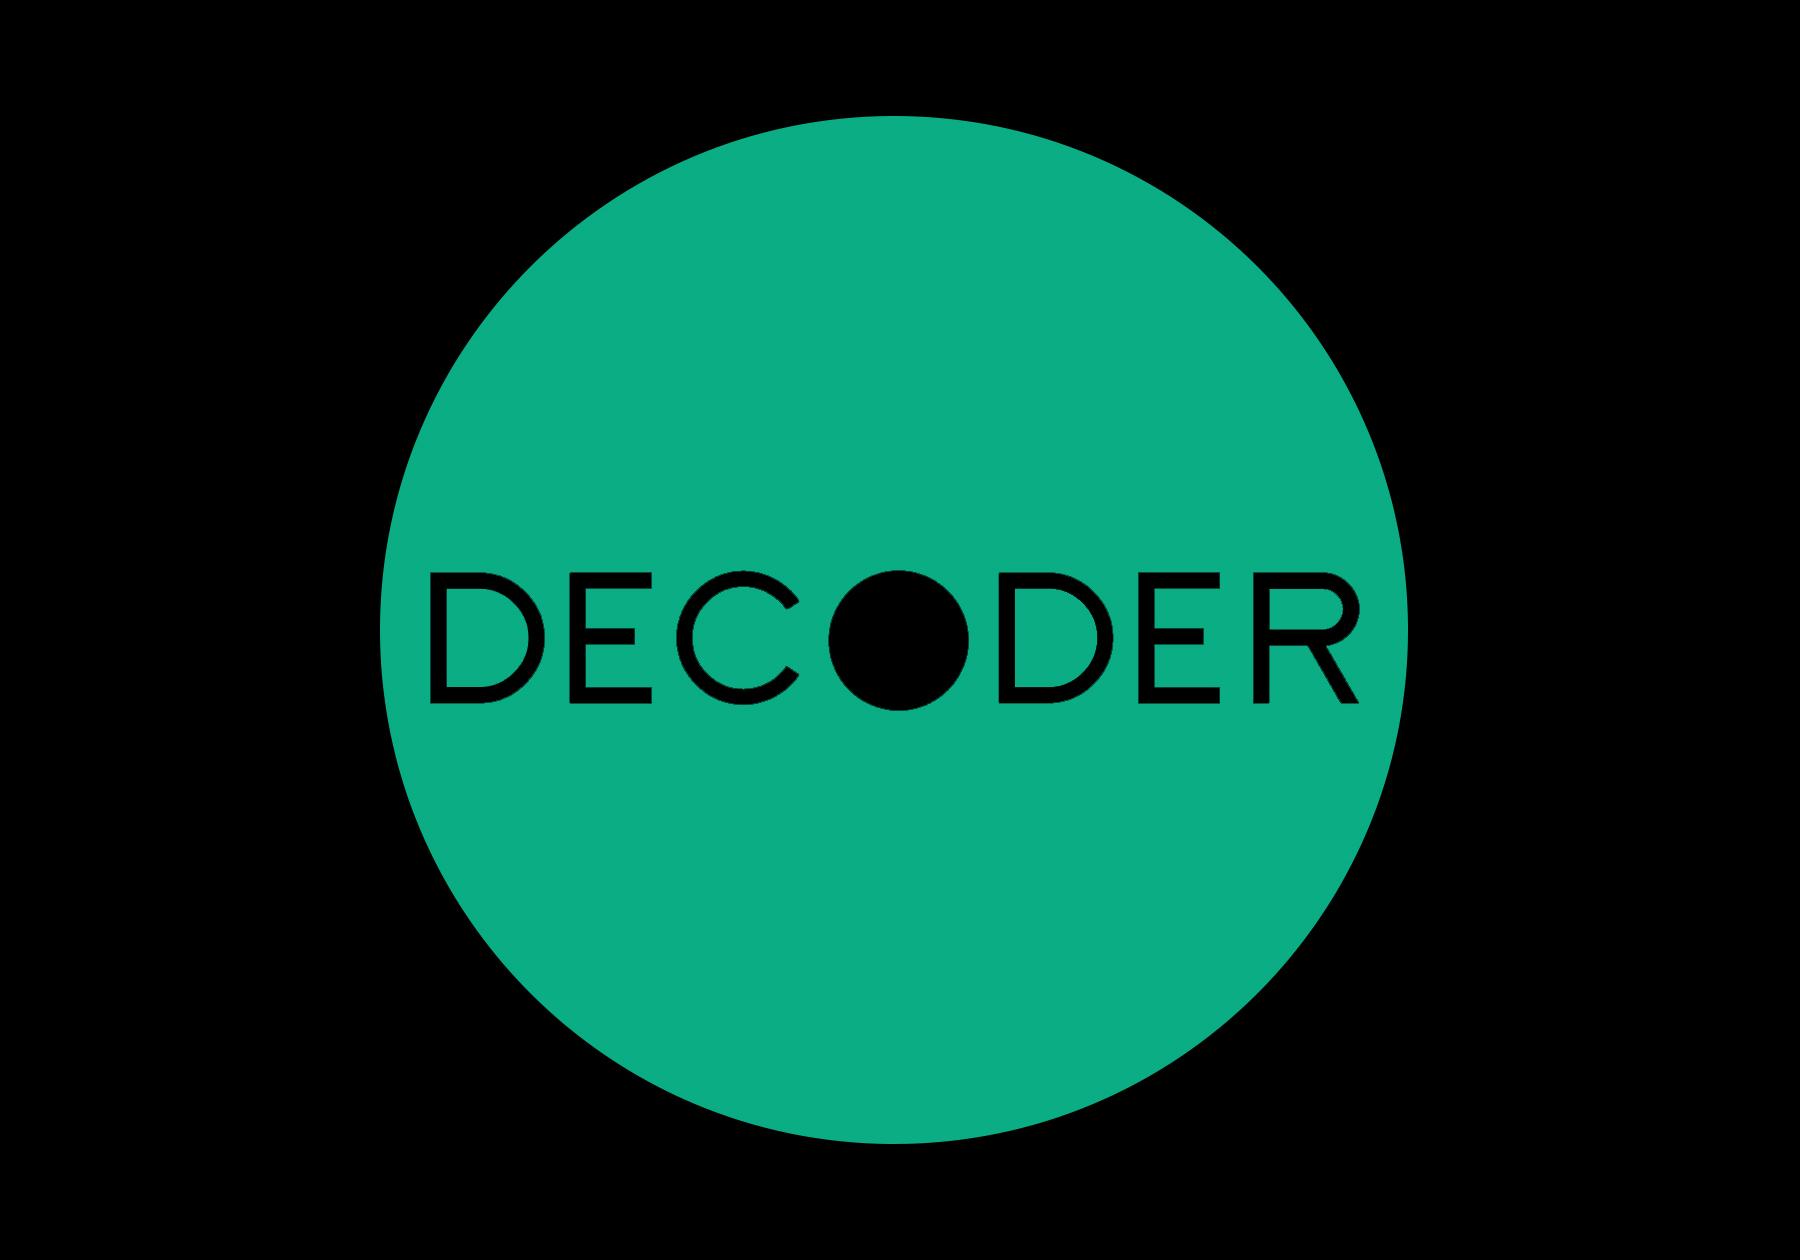 decoder_new_04